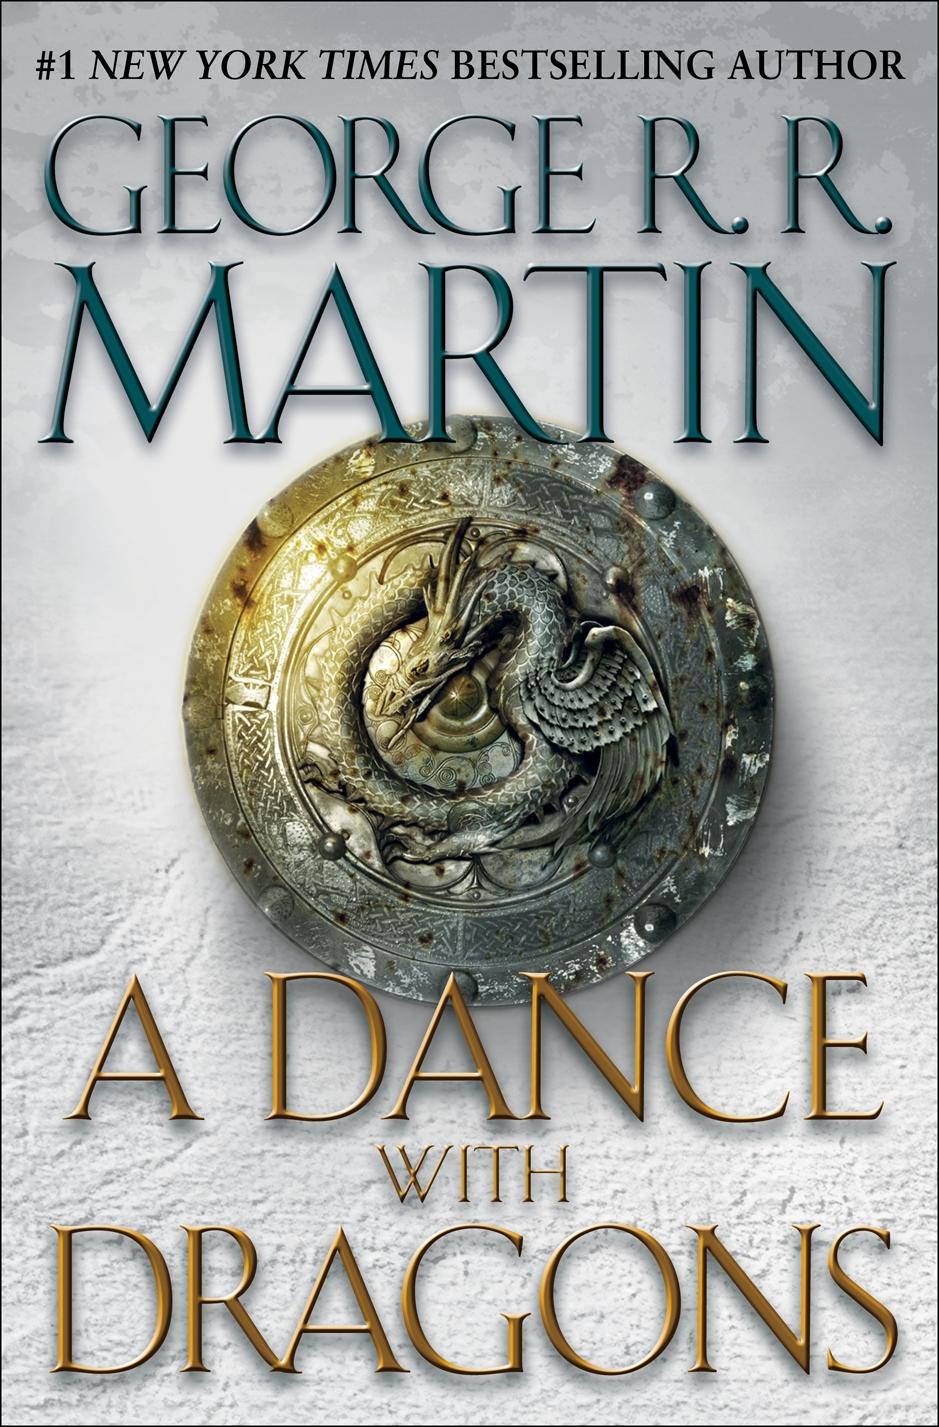 Vous lisez quoi en ce moment? - Page 2 Livre-a-dance-with-dragons-210